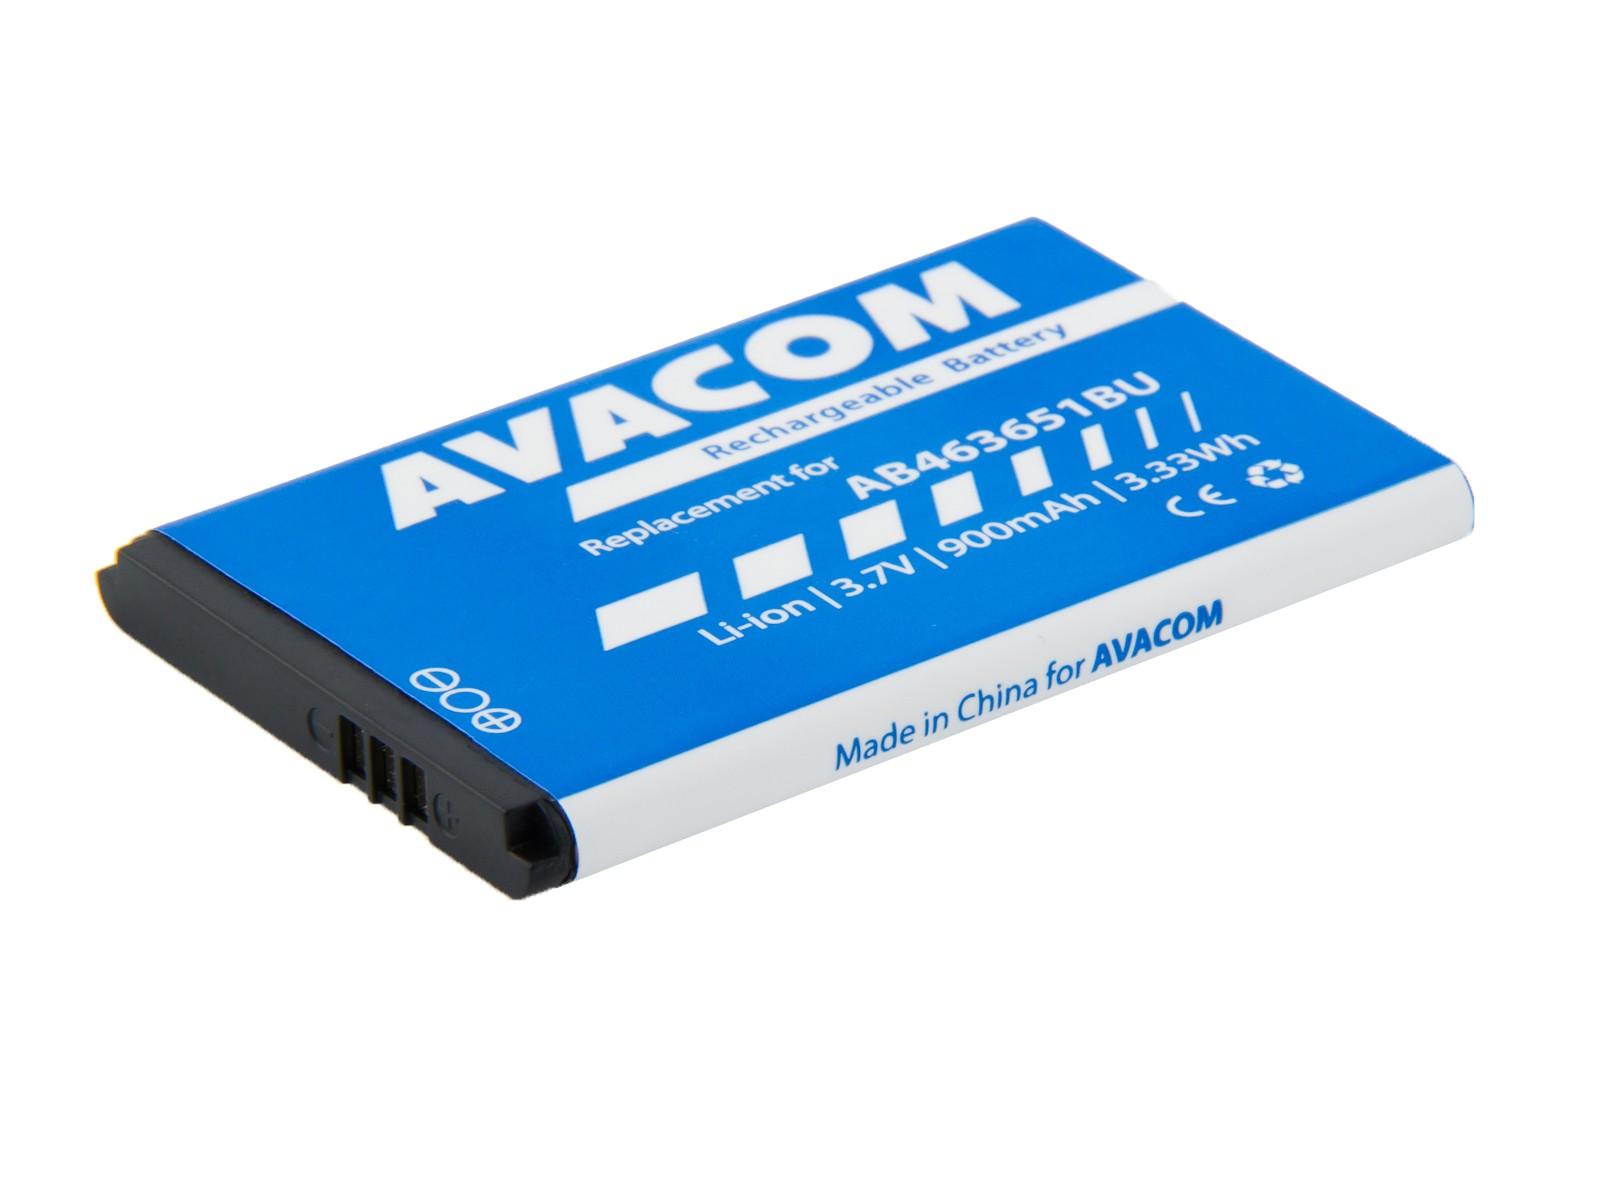 Baterie AVACOM GSSA-S5610-900 do mobilu Samsung B3410 Corby plus Li-Ion 3,7V 900mAh